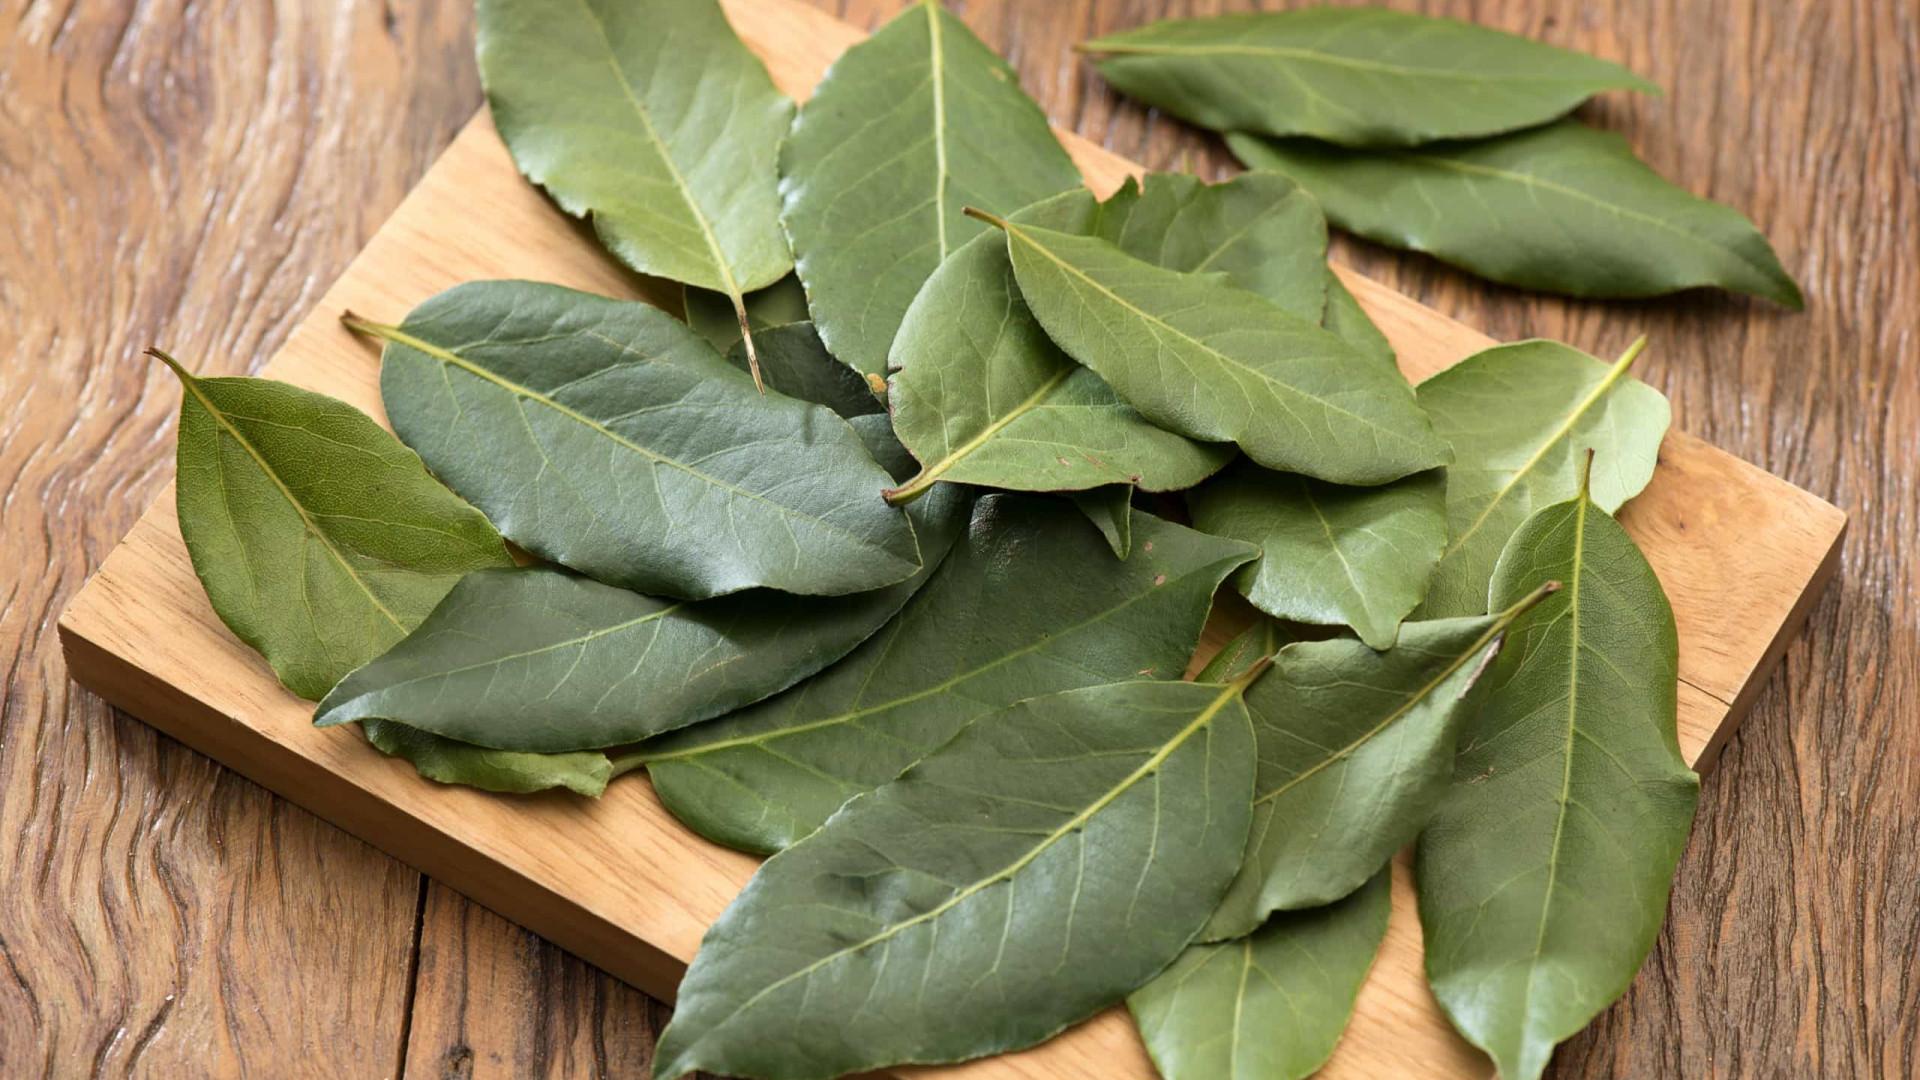 Saiba o que o chá de folha de louro pode fazer por sua saúde